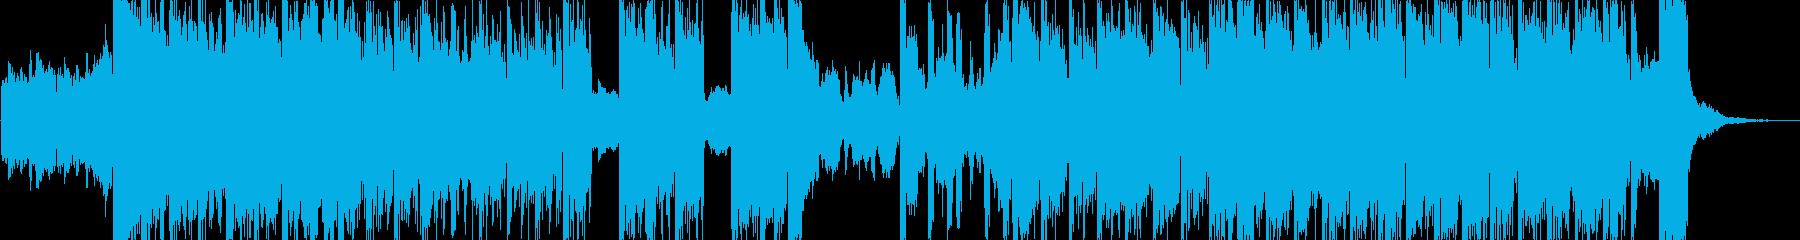 コミカルで音が強烈なハロウィンの再生済みの波形